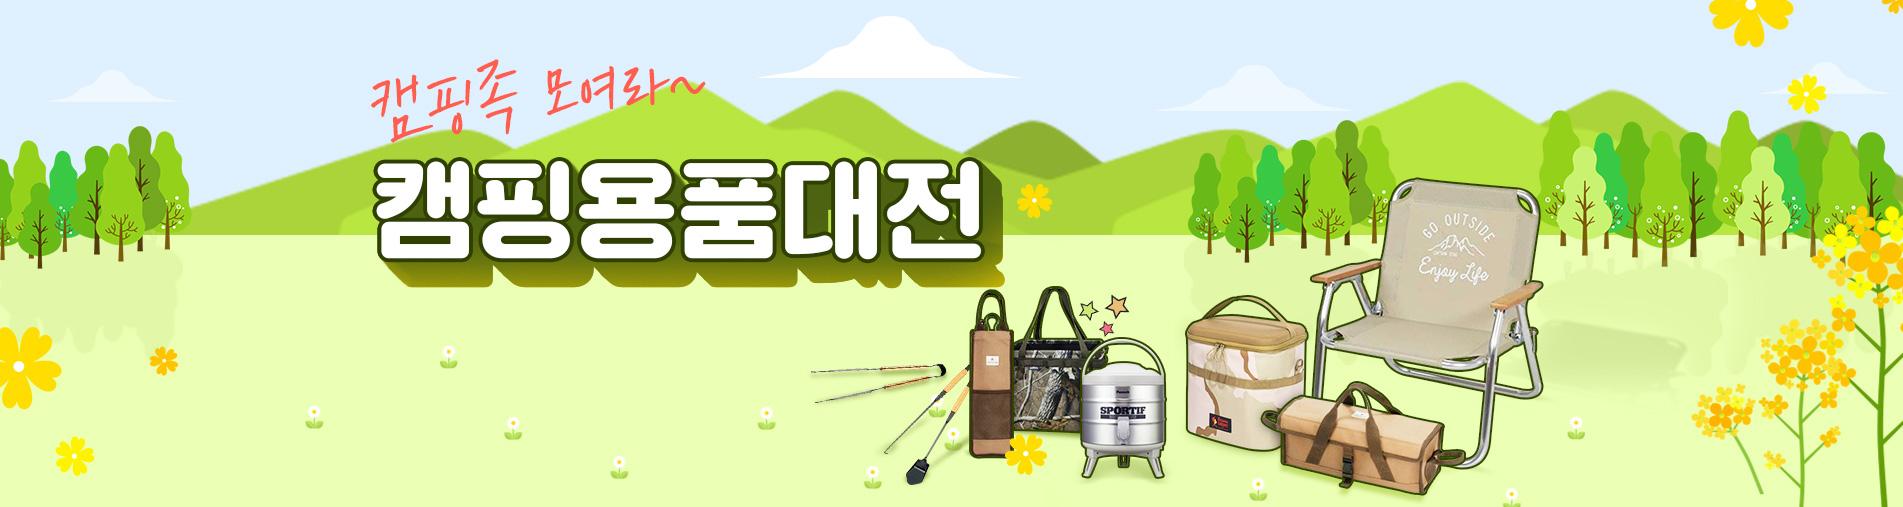 캠핑용품대전_PC